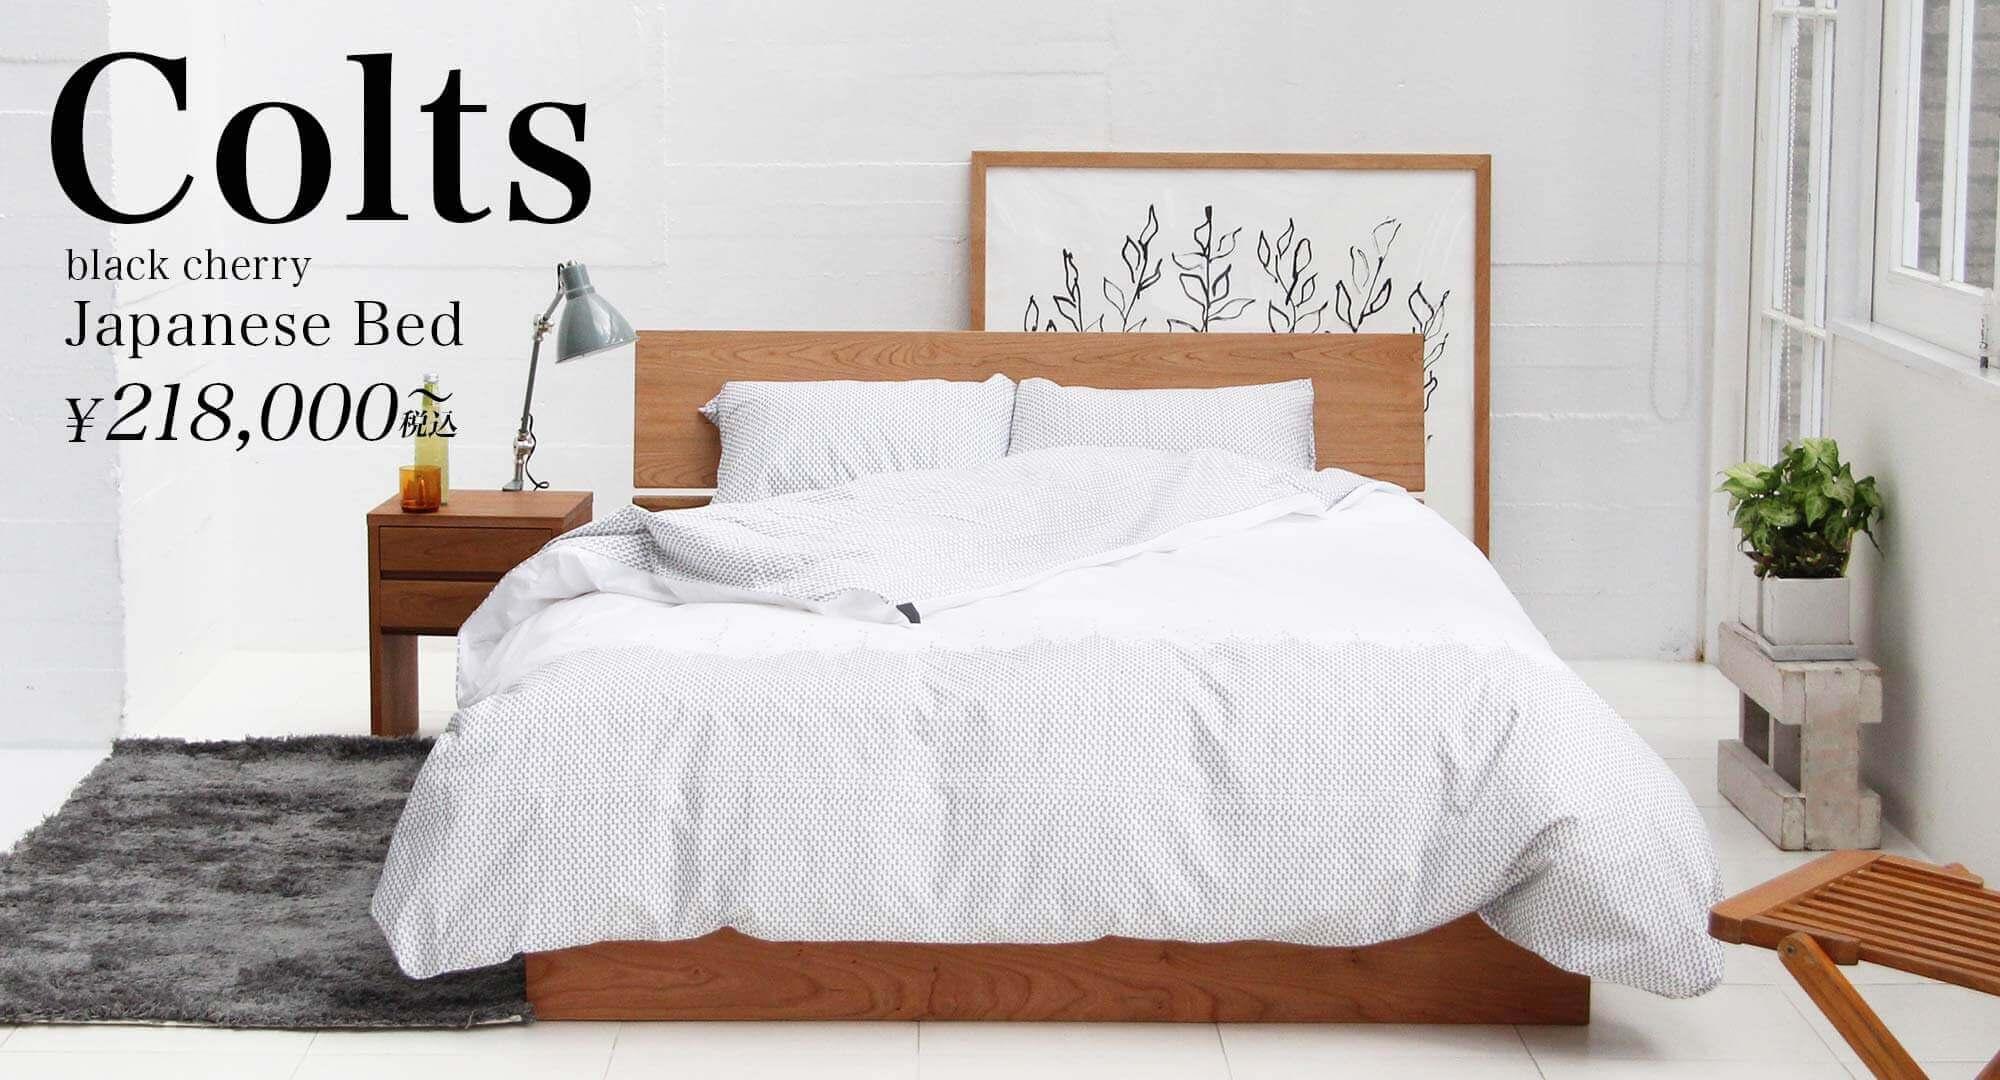 高級木材ブラックチェリーを使用した安心の国産ベッド コルツ ブラックチェリー